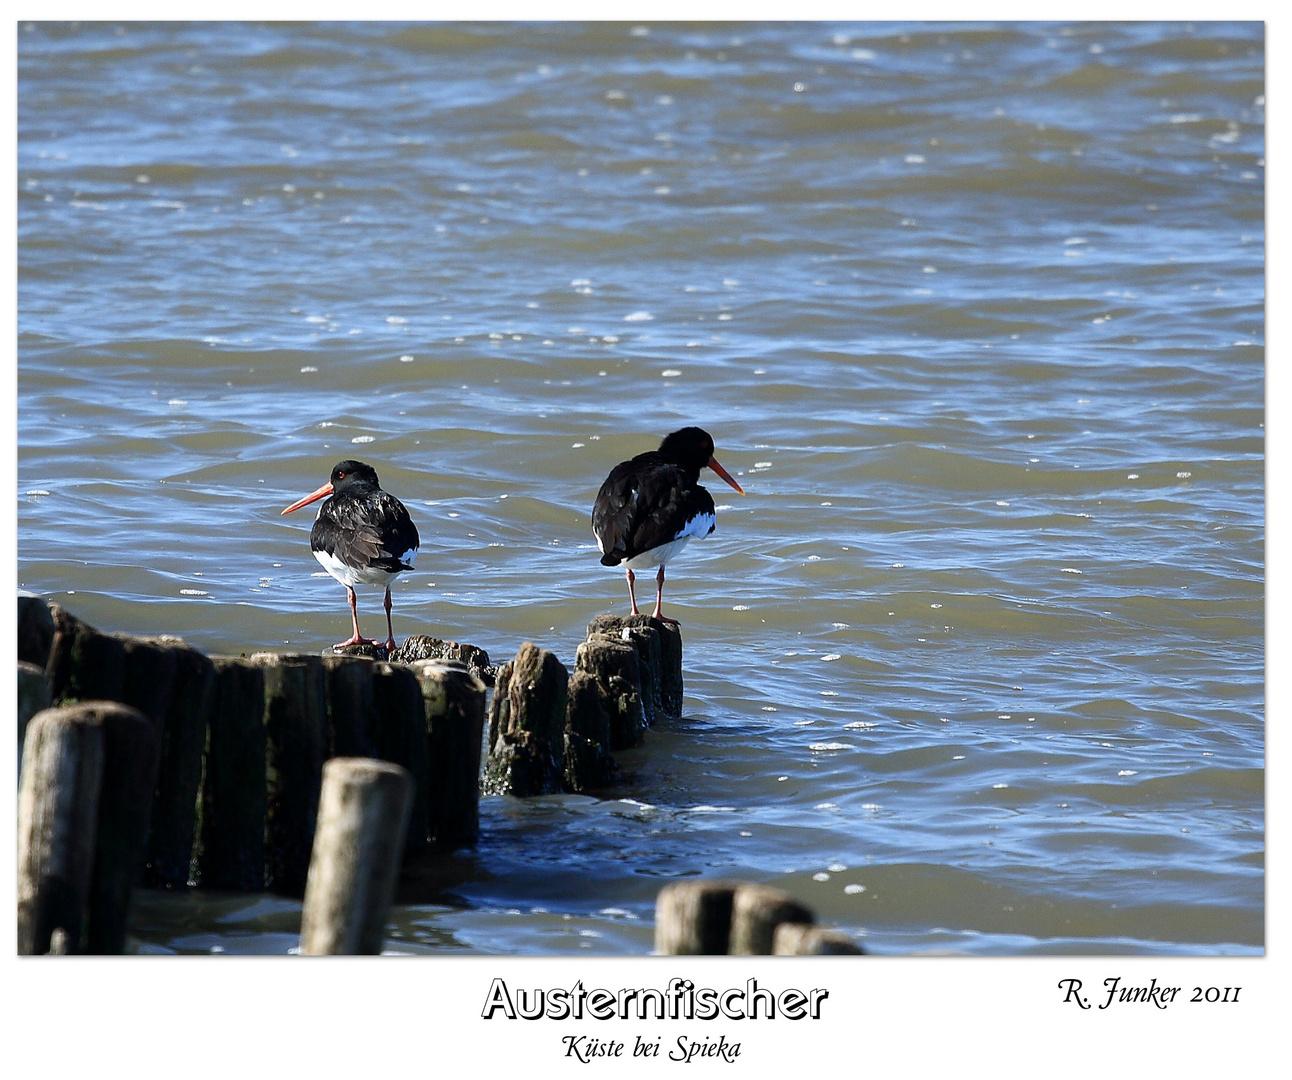 Austernfischer bei Spieka 2